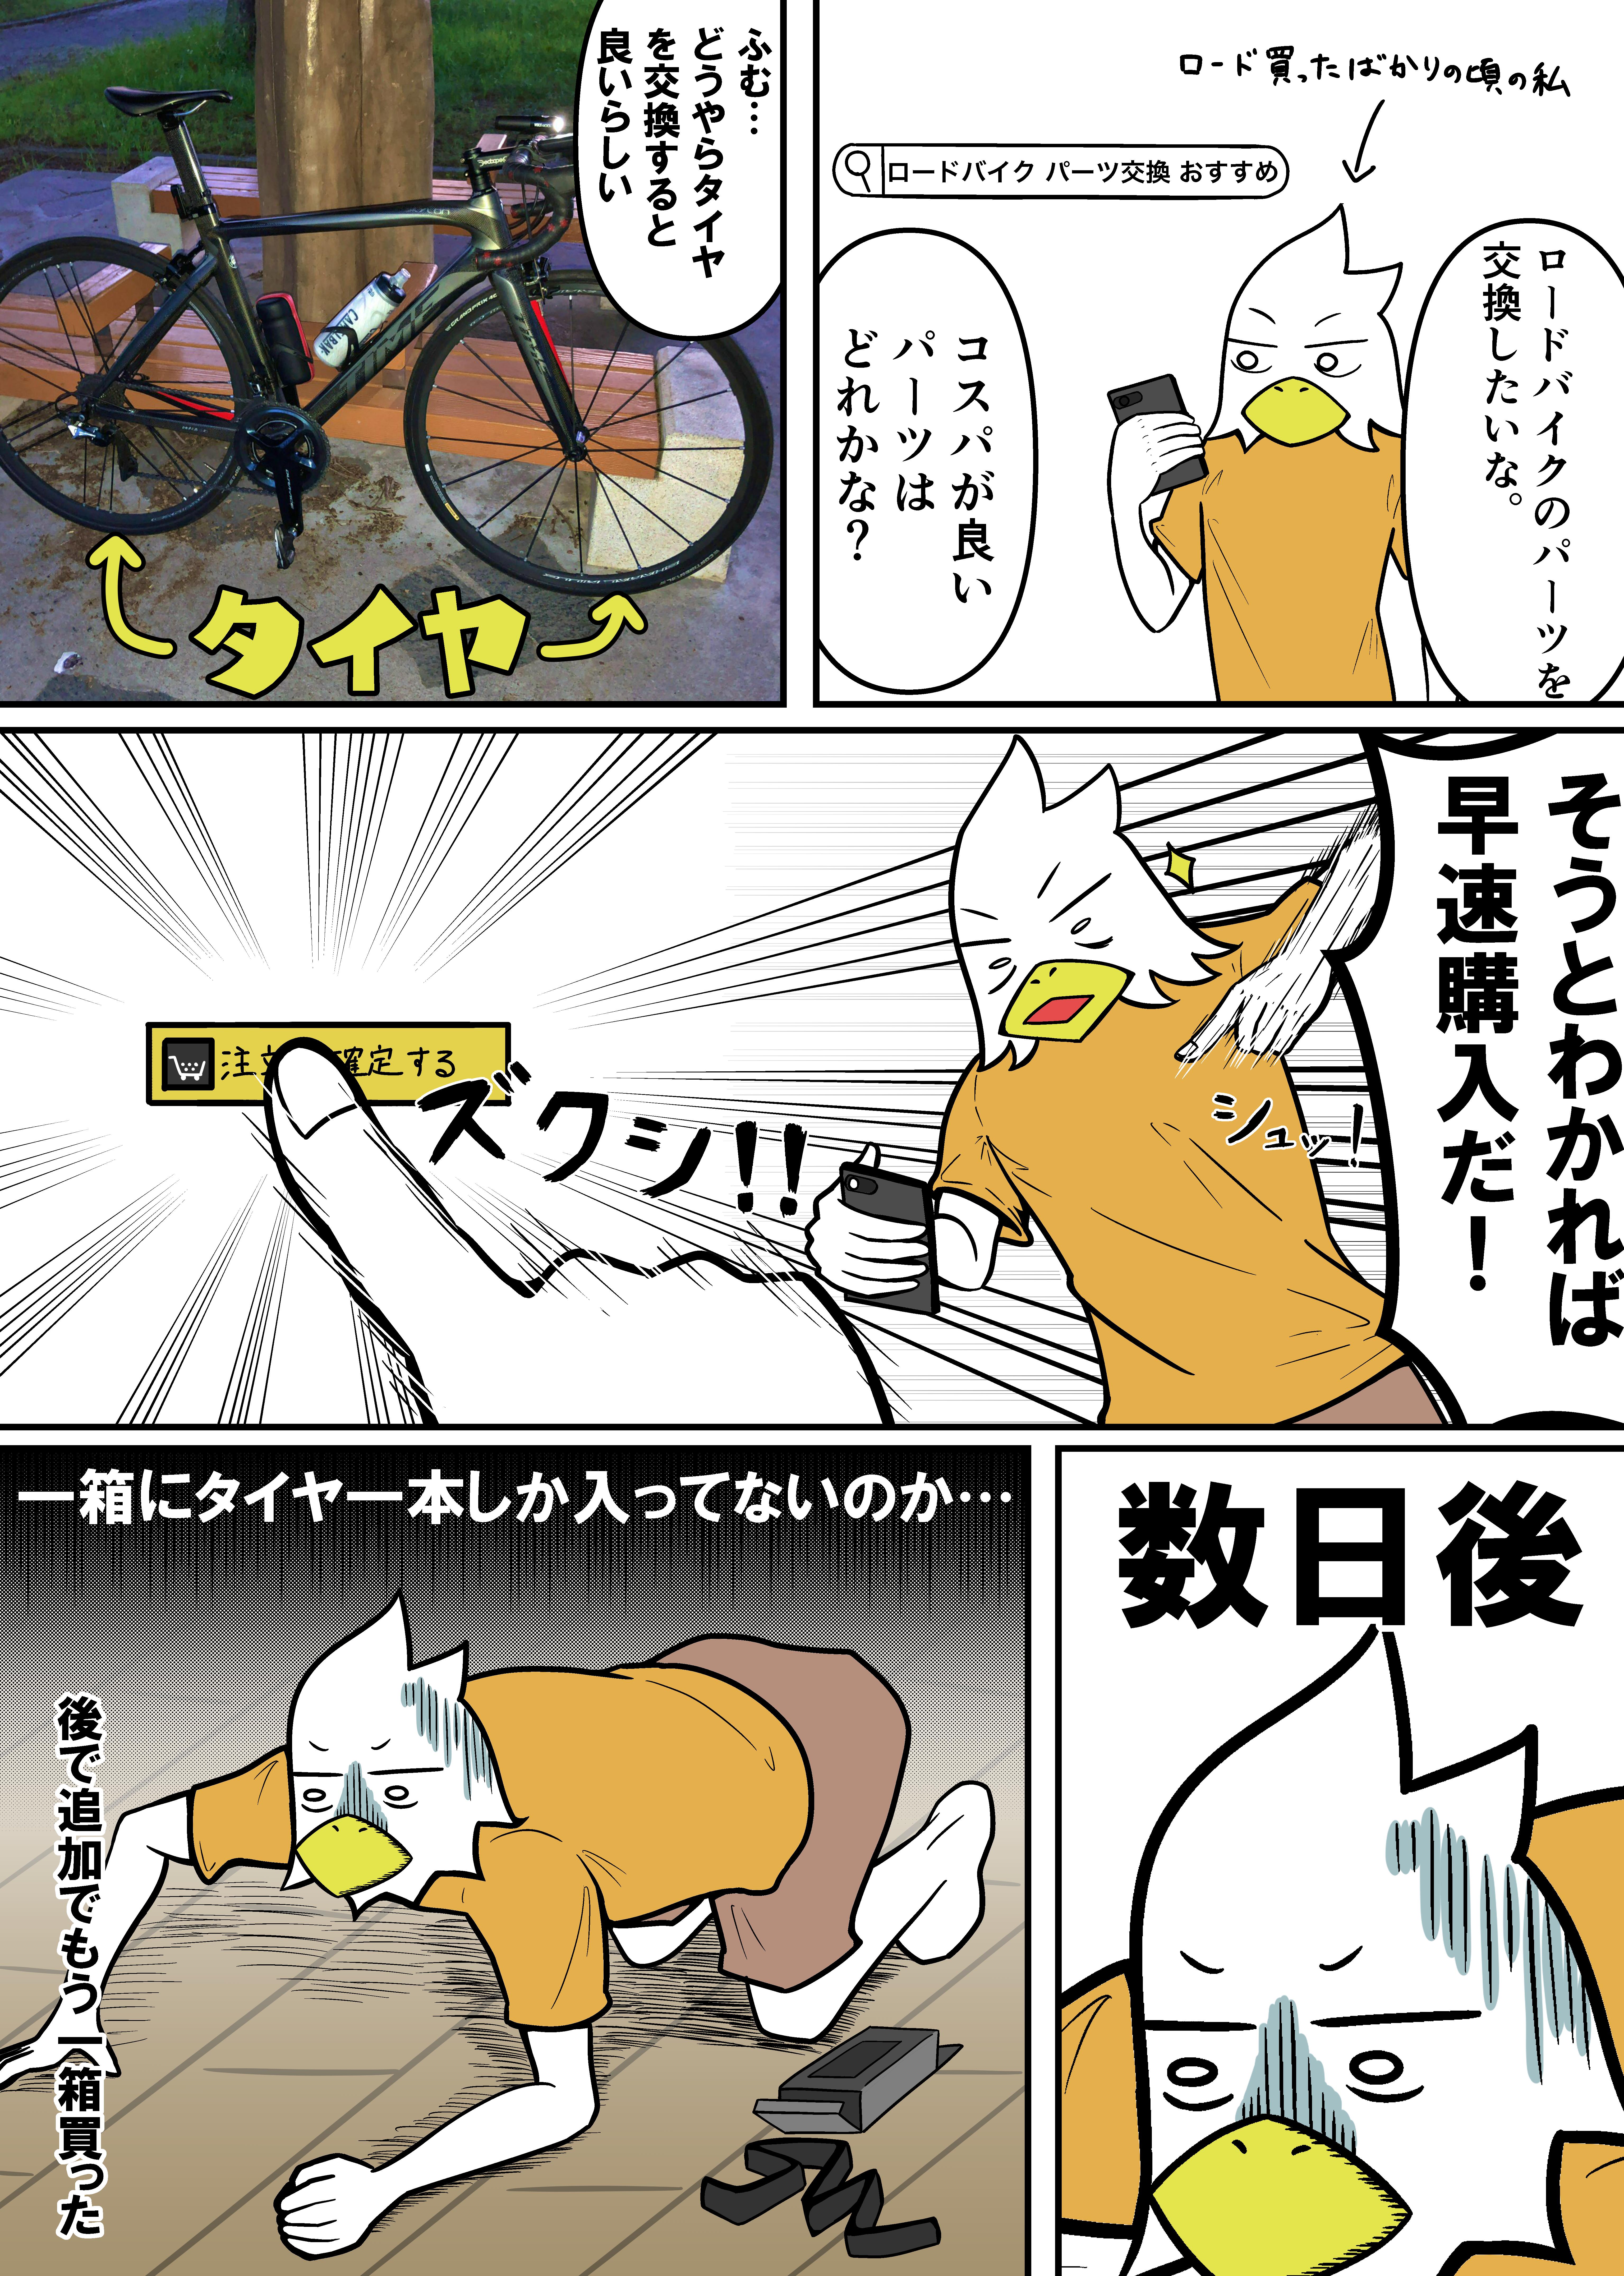 ロードバイクのタイヤについての漫画